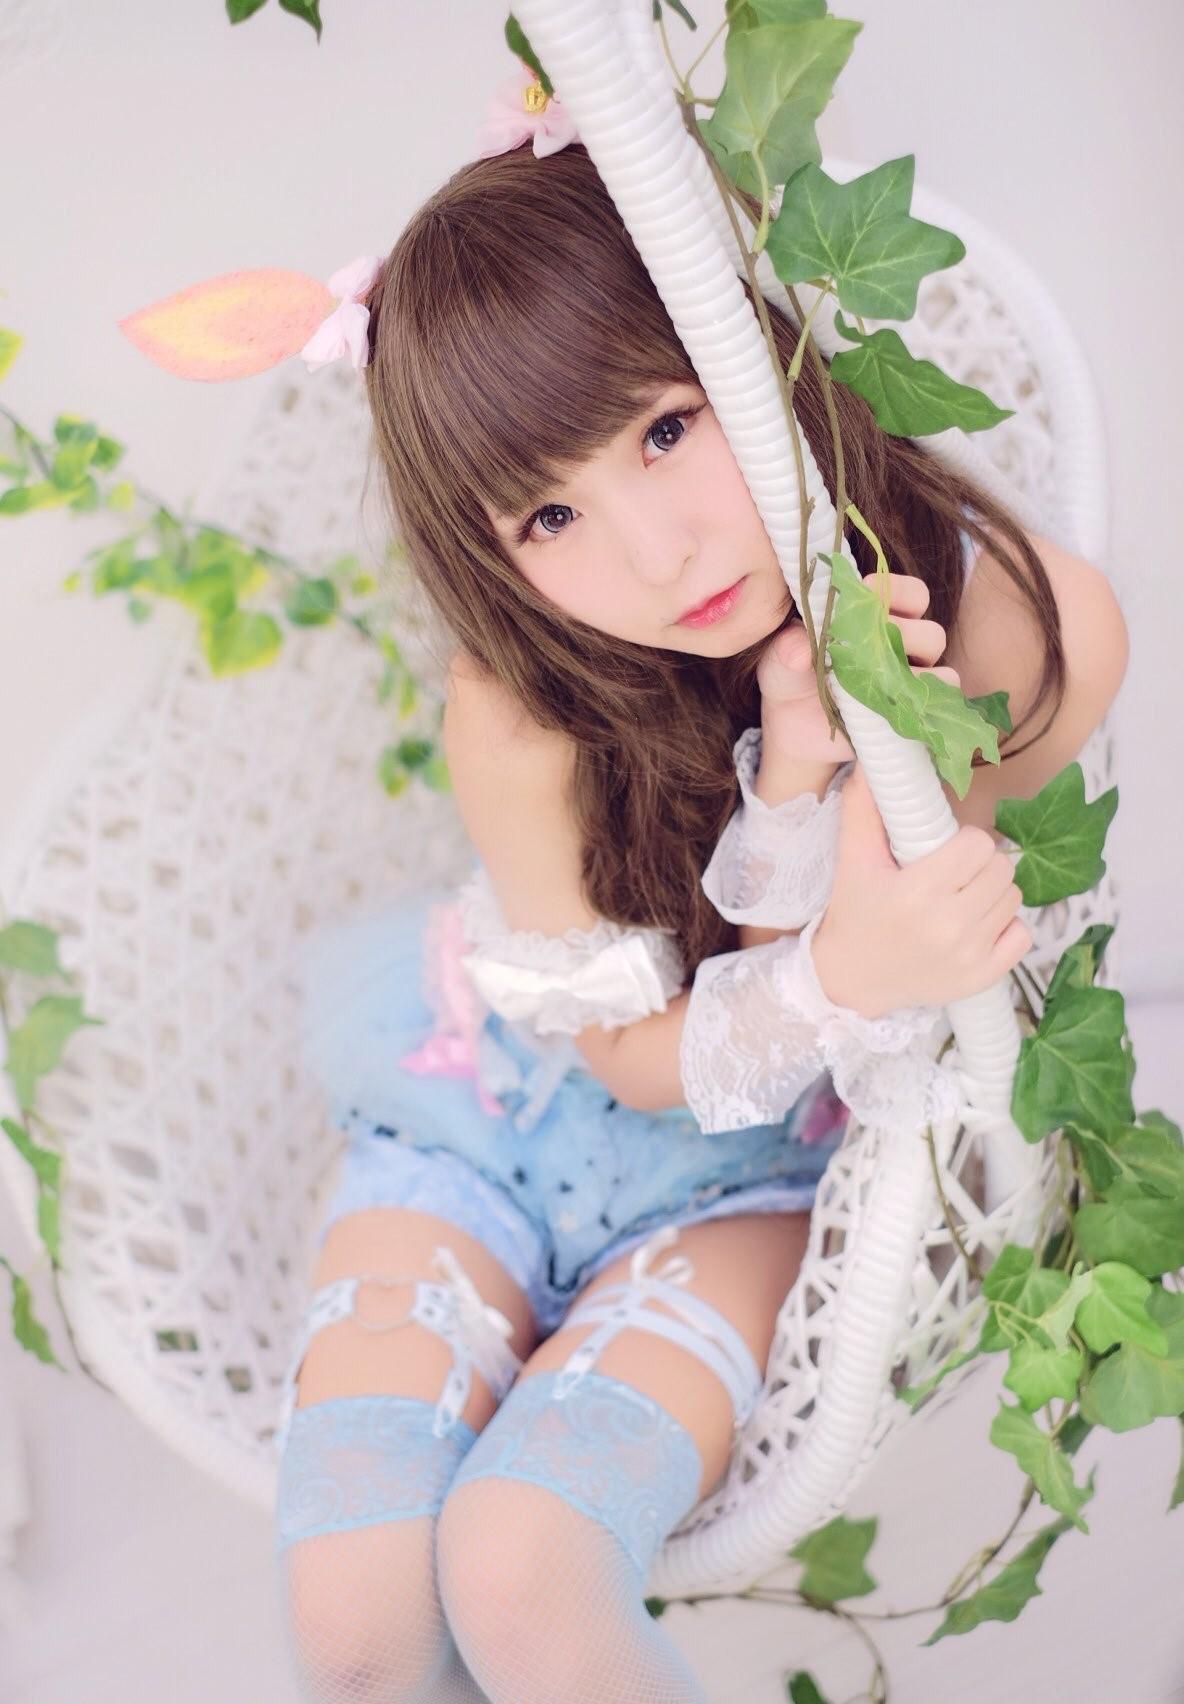 【兔玩映画】萝莉豆腐 兔玩映画 第17张